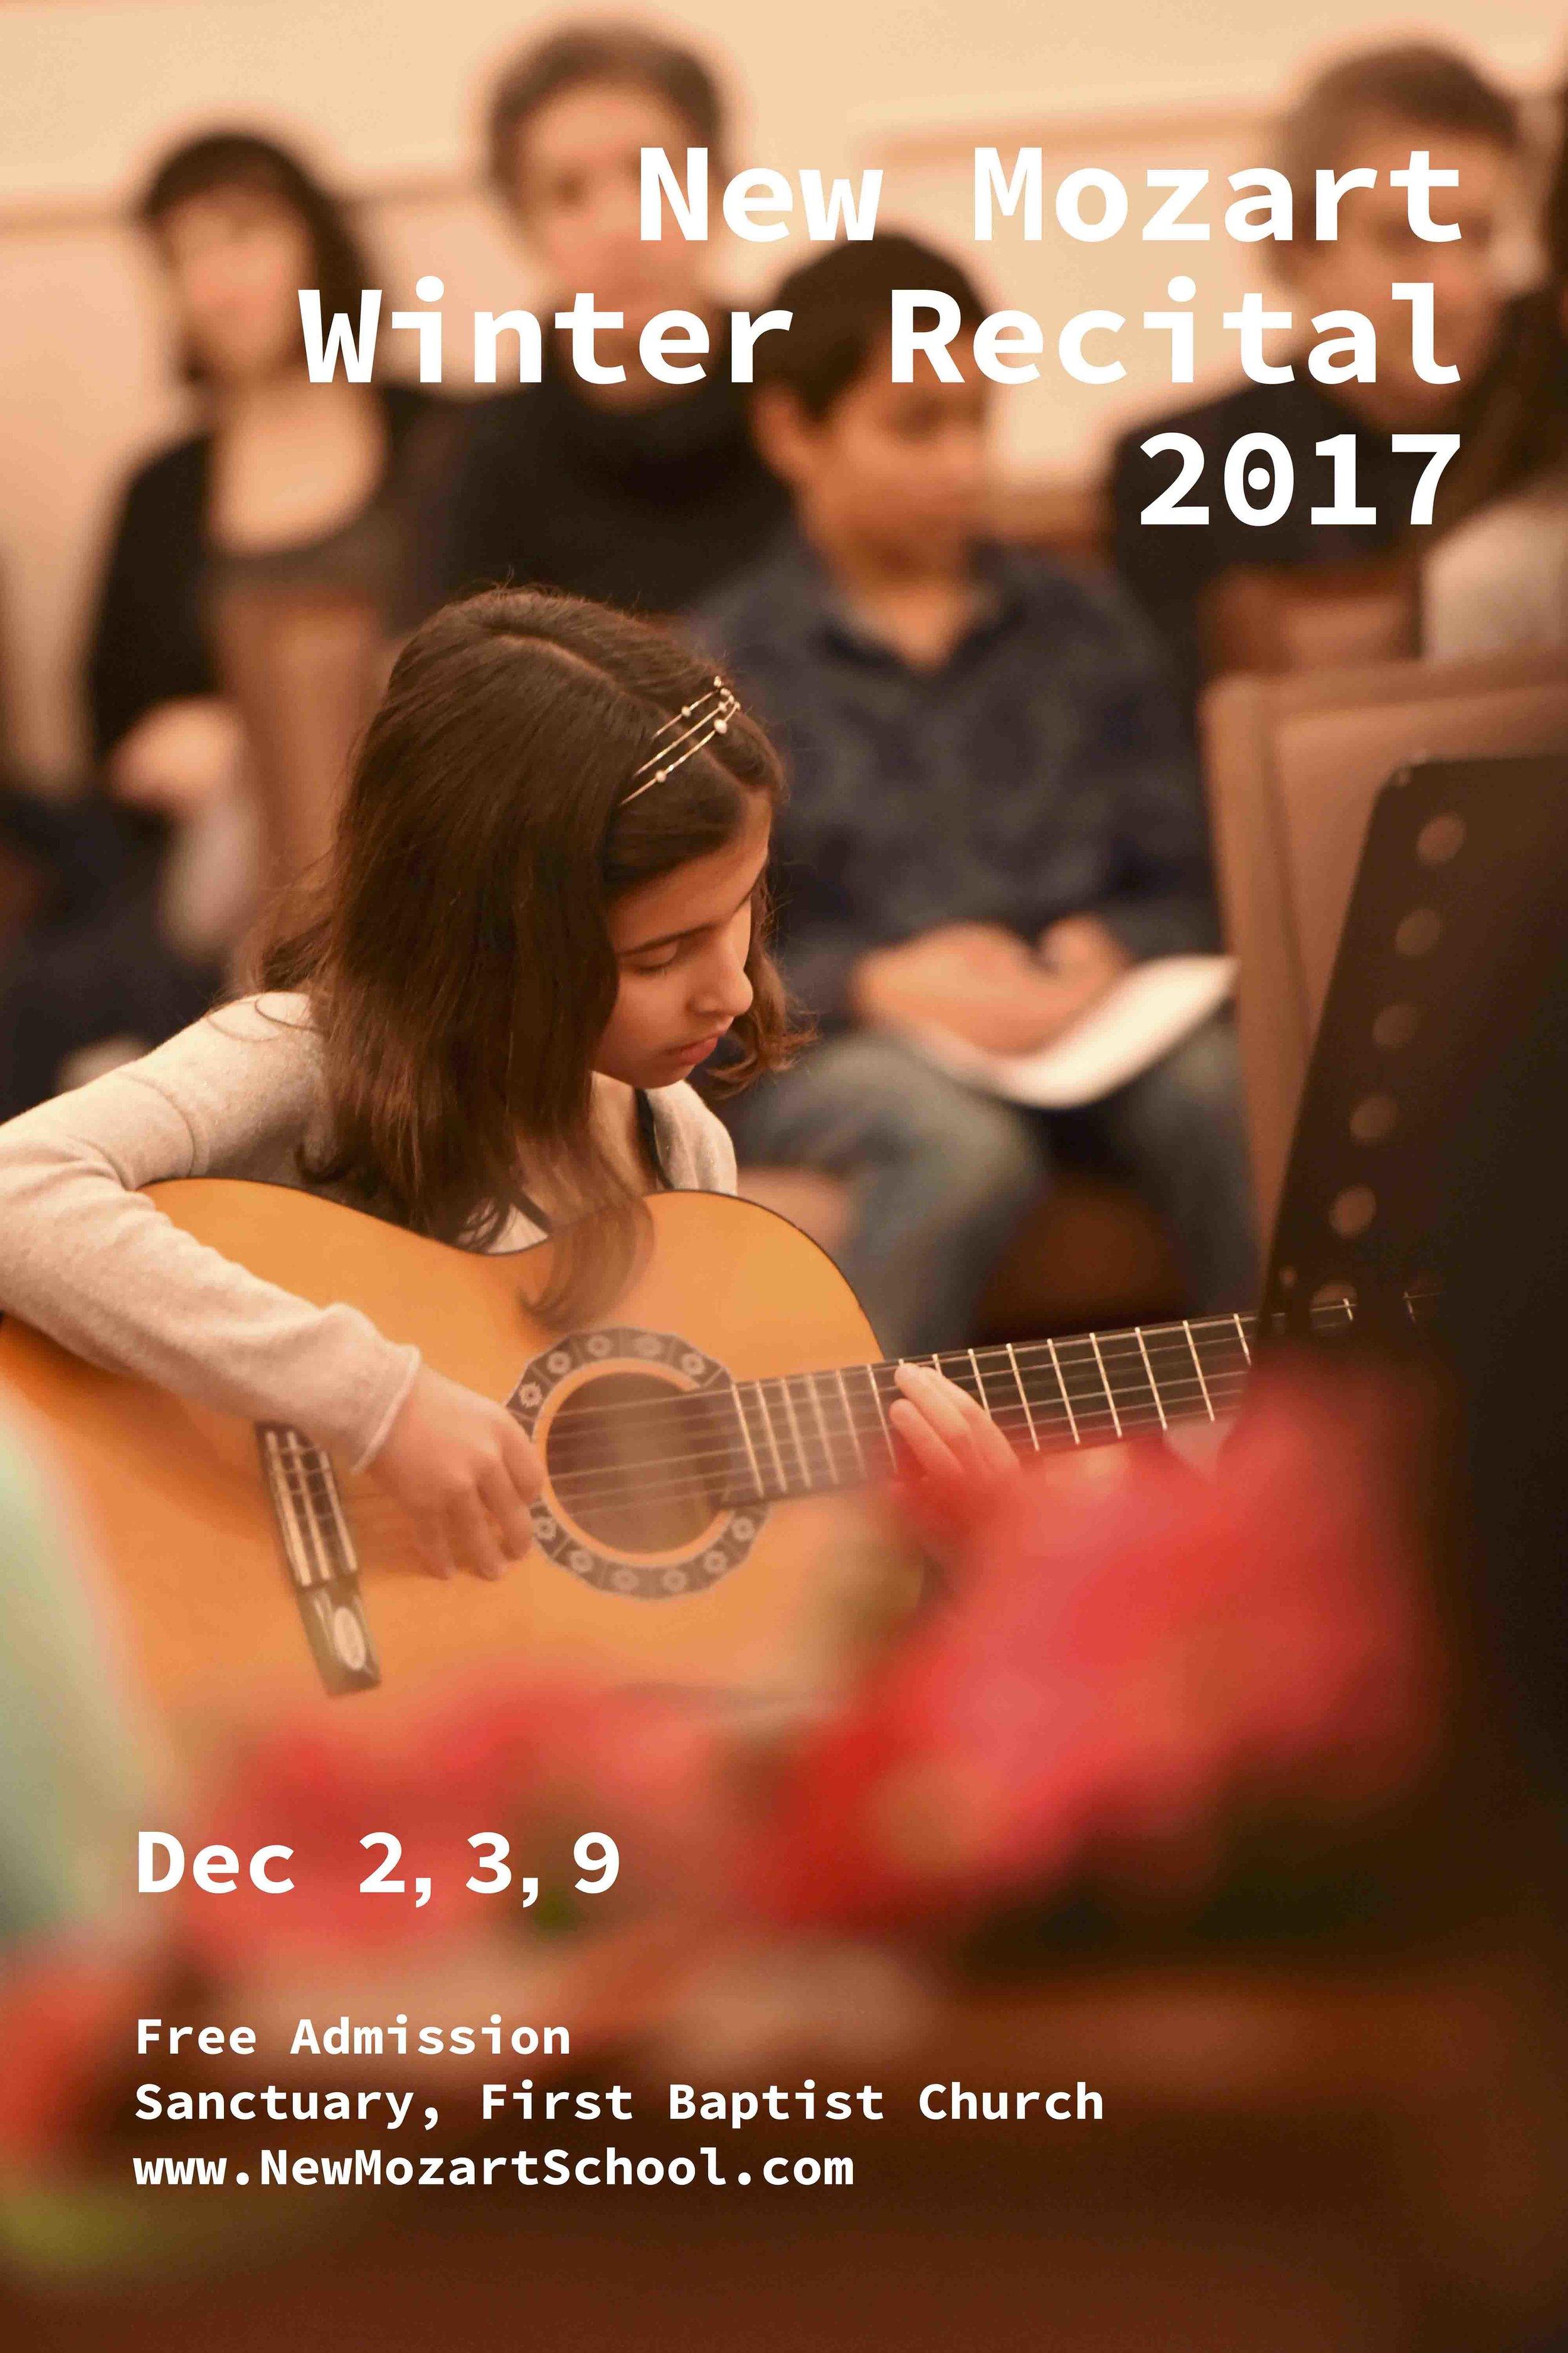 winter.recital.new.mozart